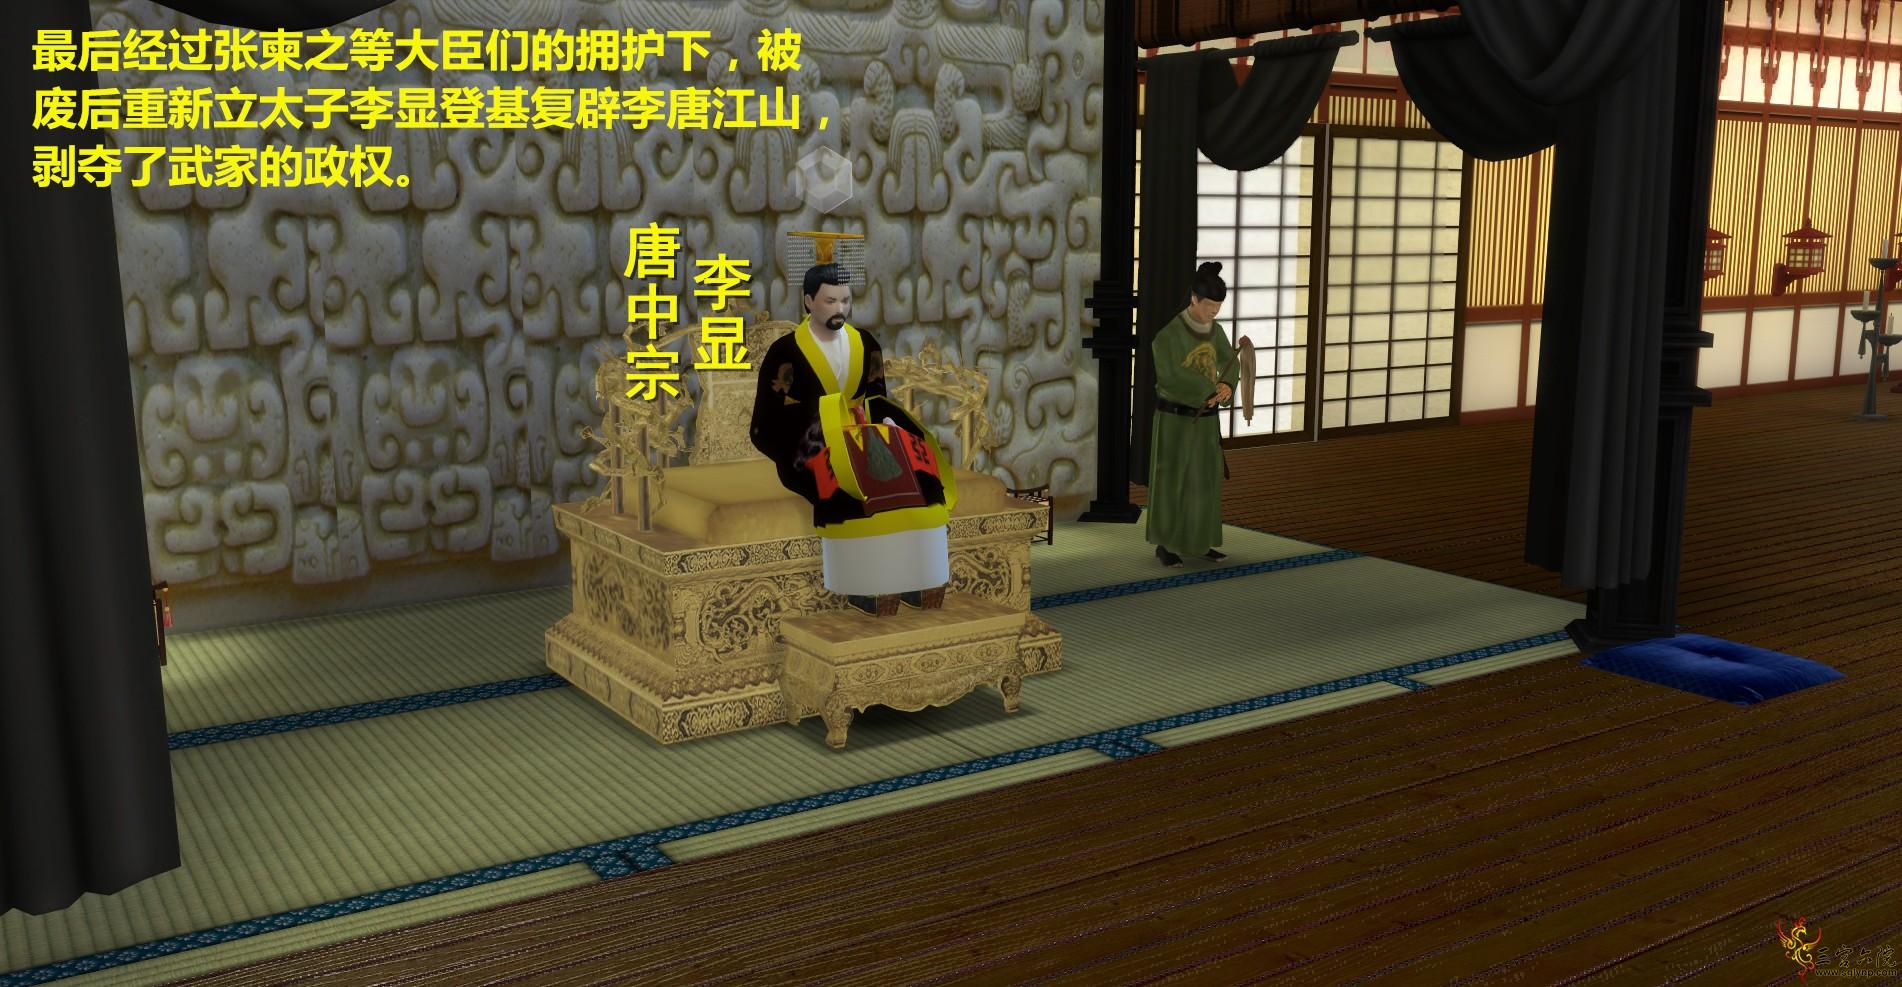 2020-9-23_12-18-42_副本_副本.png